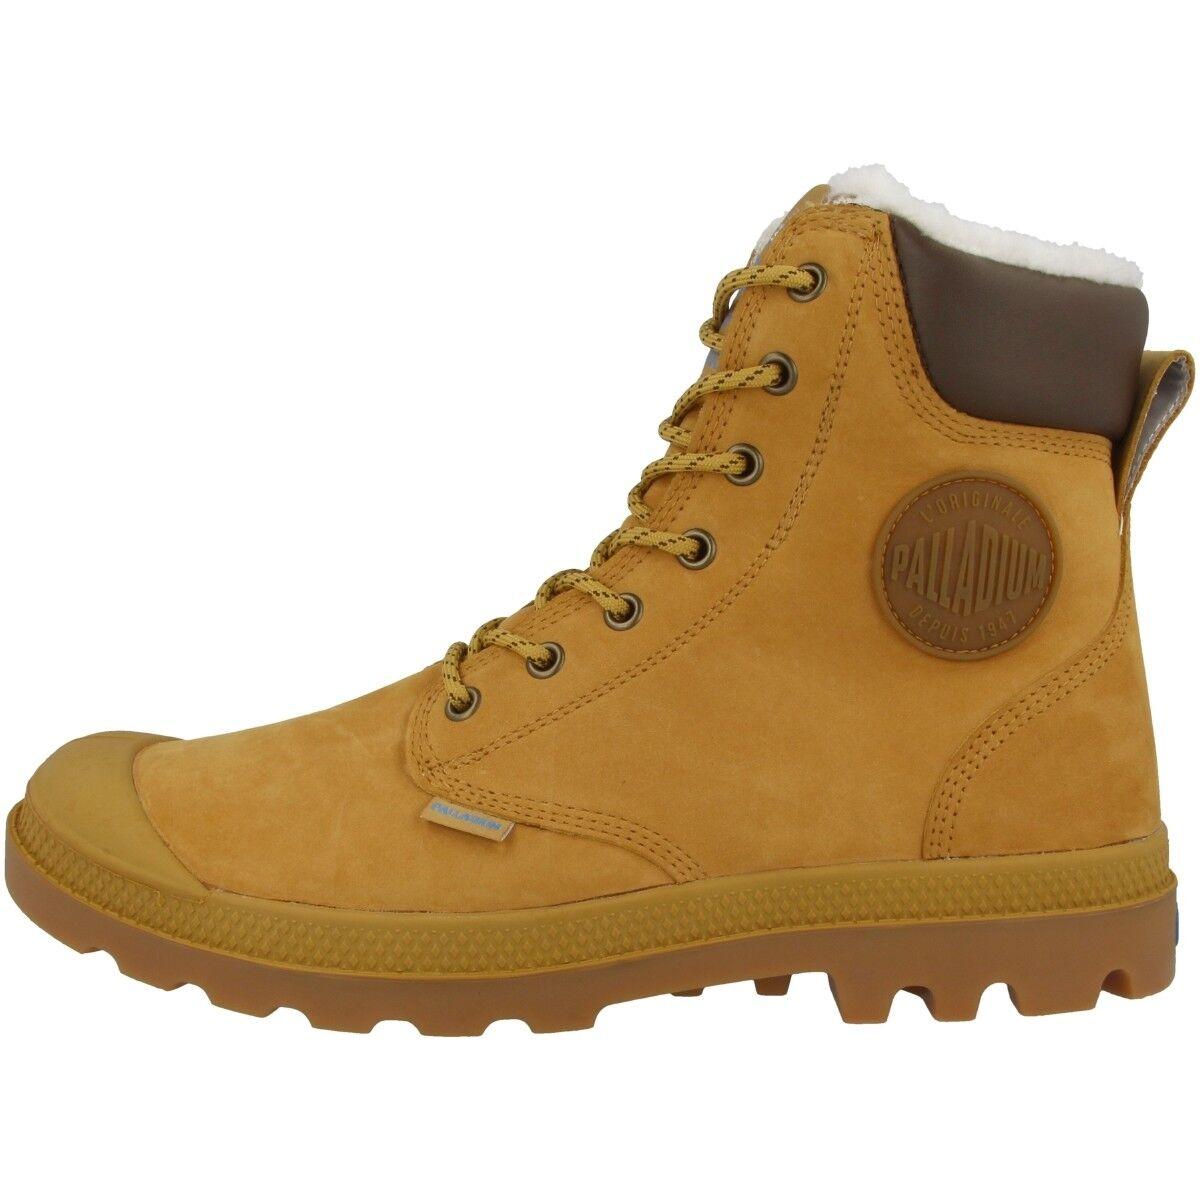 Palladium Schuhe Pampa Sport Cuff WPS Schuhe Palladium Winter Boots gefüttert amber 72992-228 a74e98